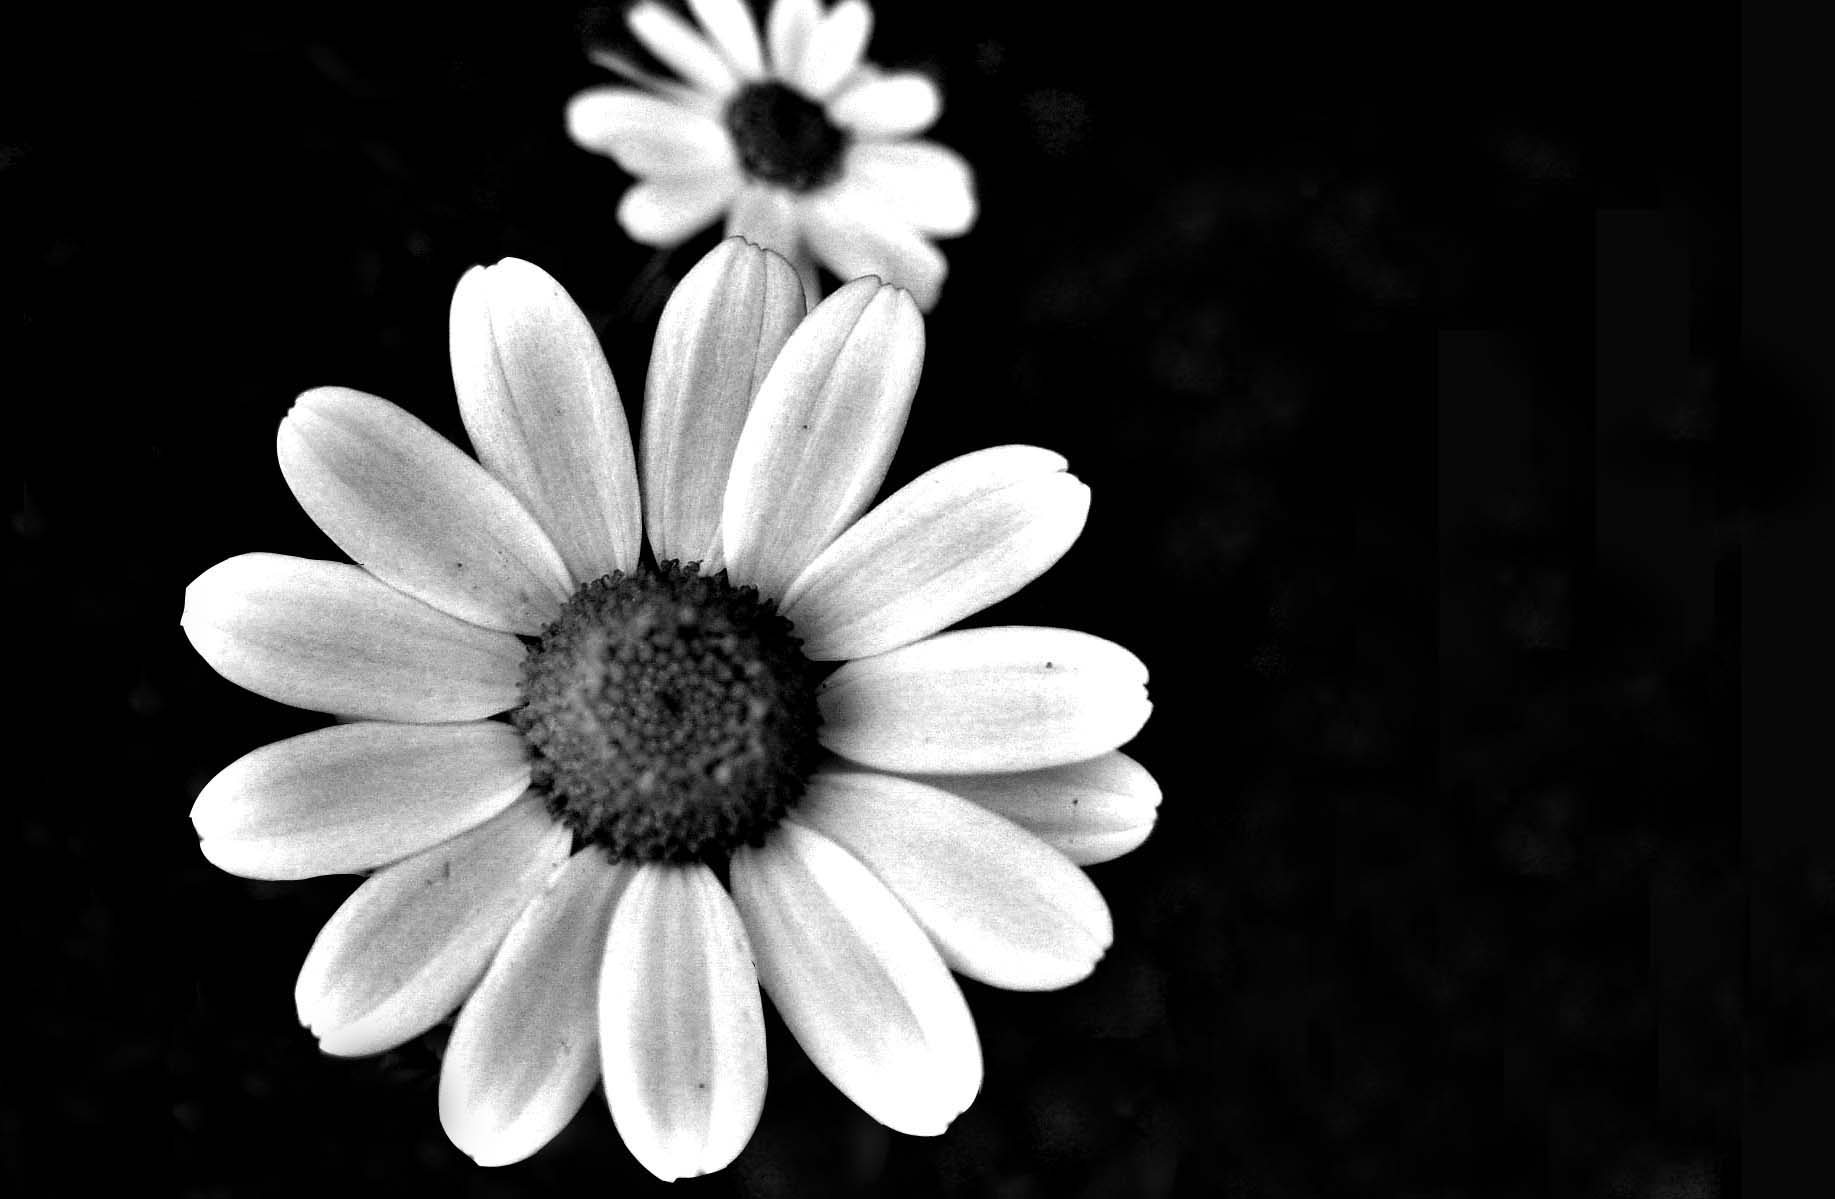 White Flowers Tumblr 36 High Resolution Wallpaper